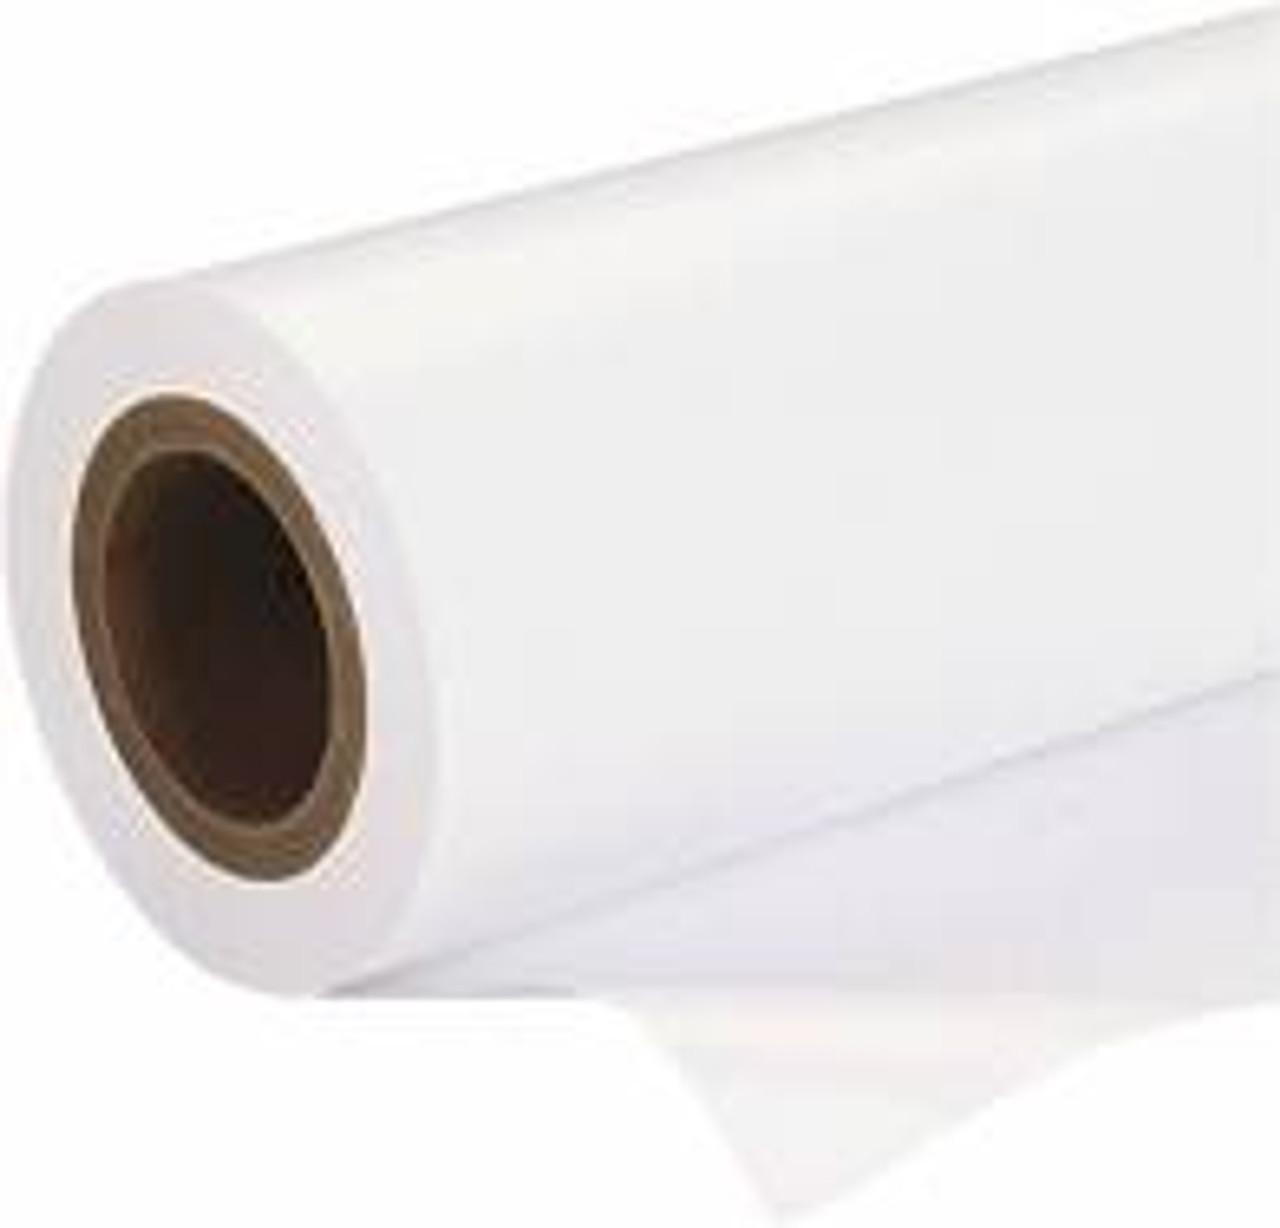 """Epson Premium Semimatte Photo Paper 24"""" x 100' Roll (S042150)"""